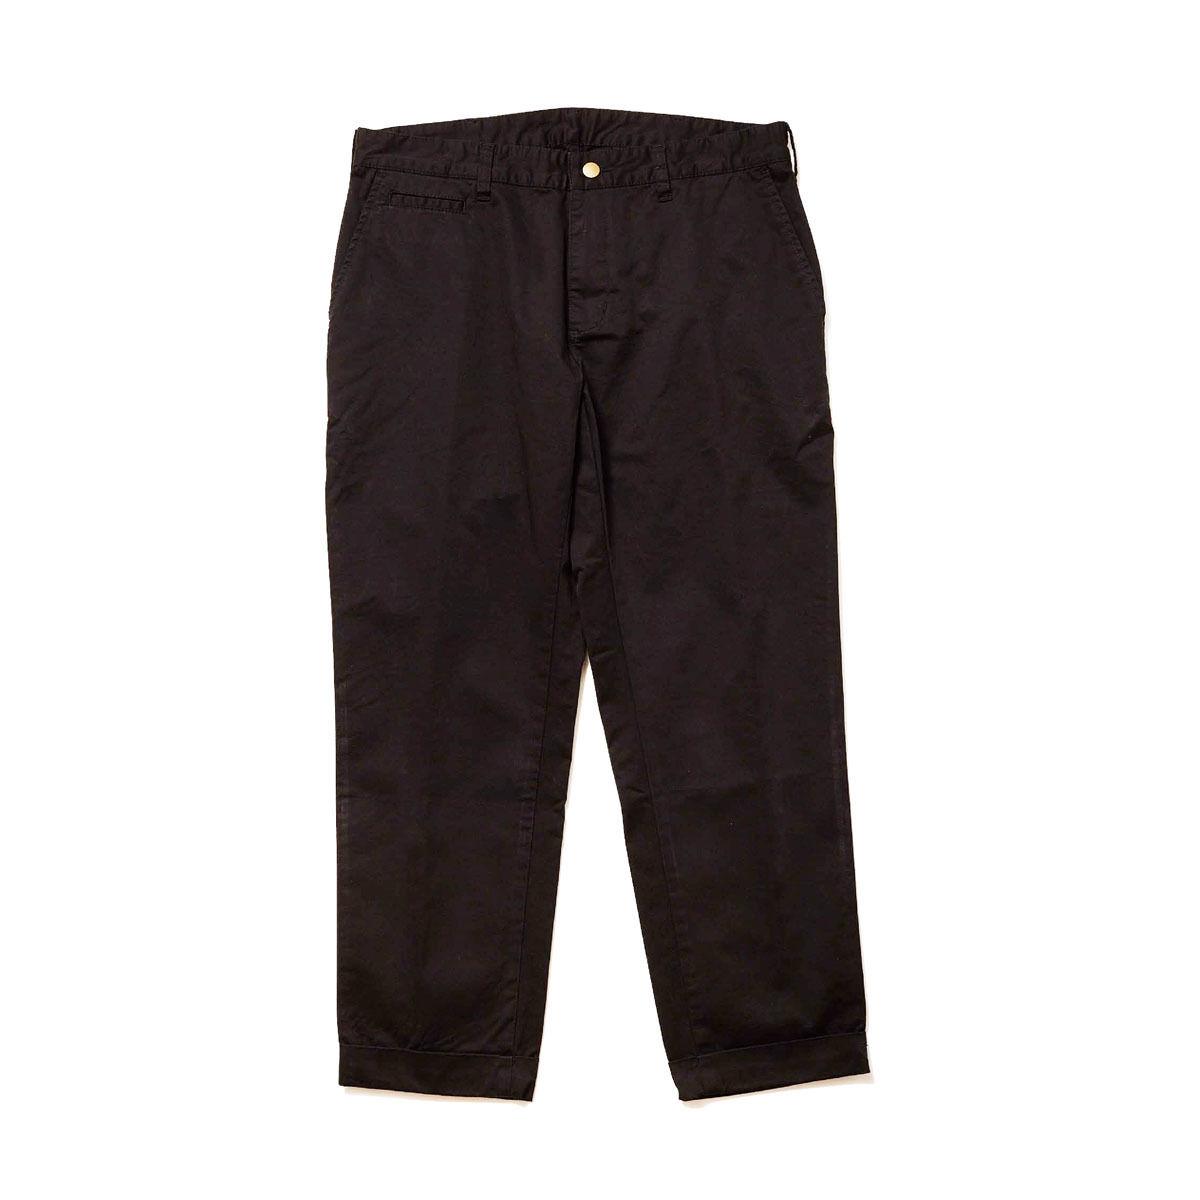 EVISEN【 えびせん】JONES PANTS BLACK ジョーンズパンツ ブラック